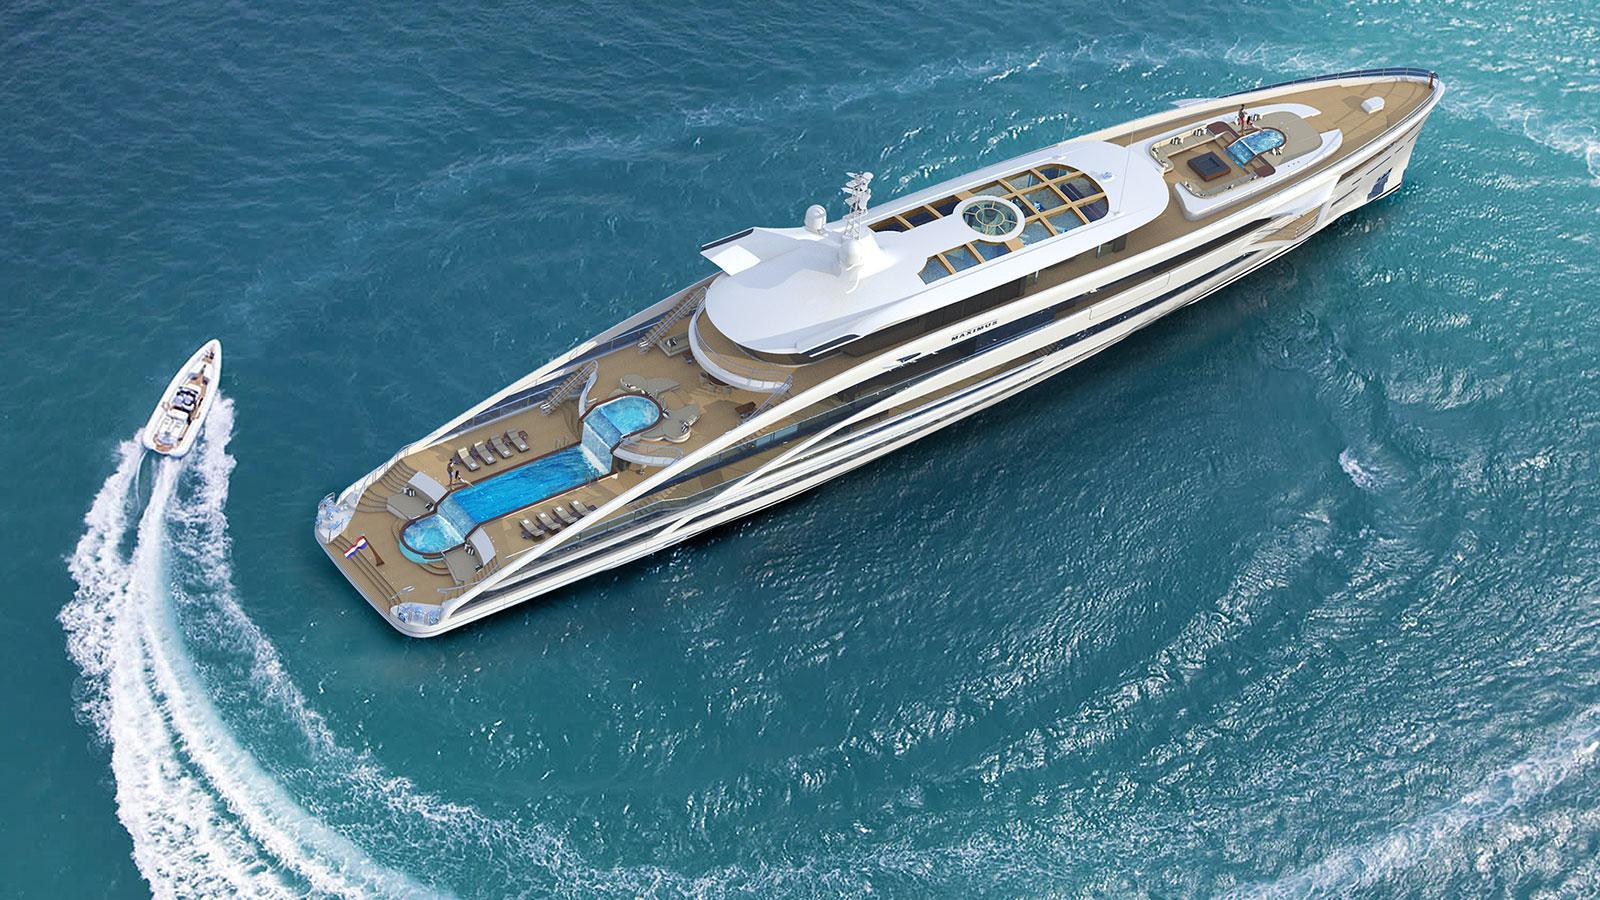 Heesen-Project-Maximus-Clifford-Denn-design-aerial-view.jpg